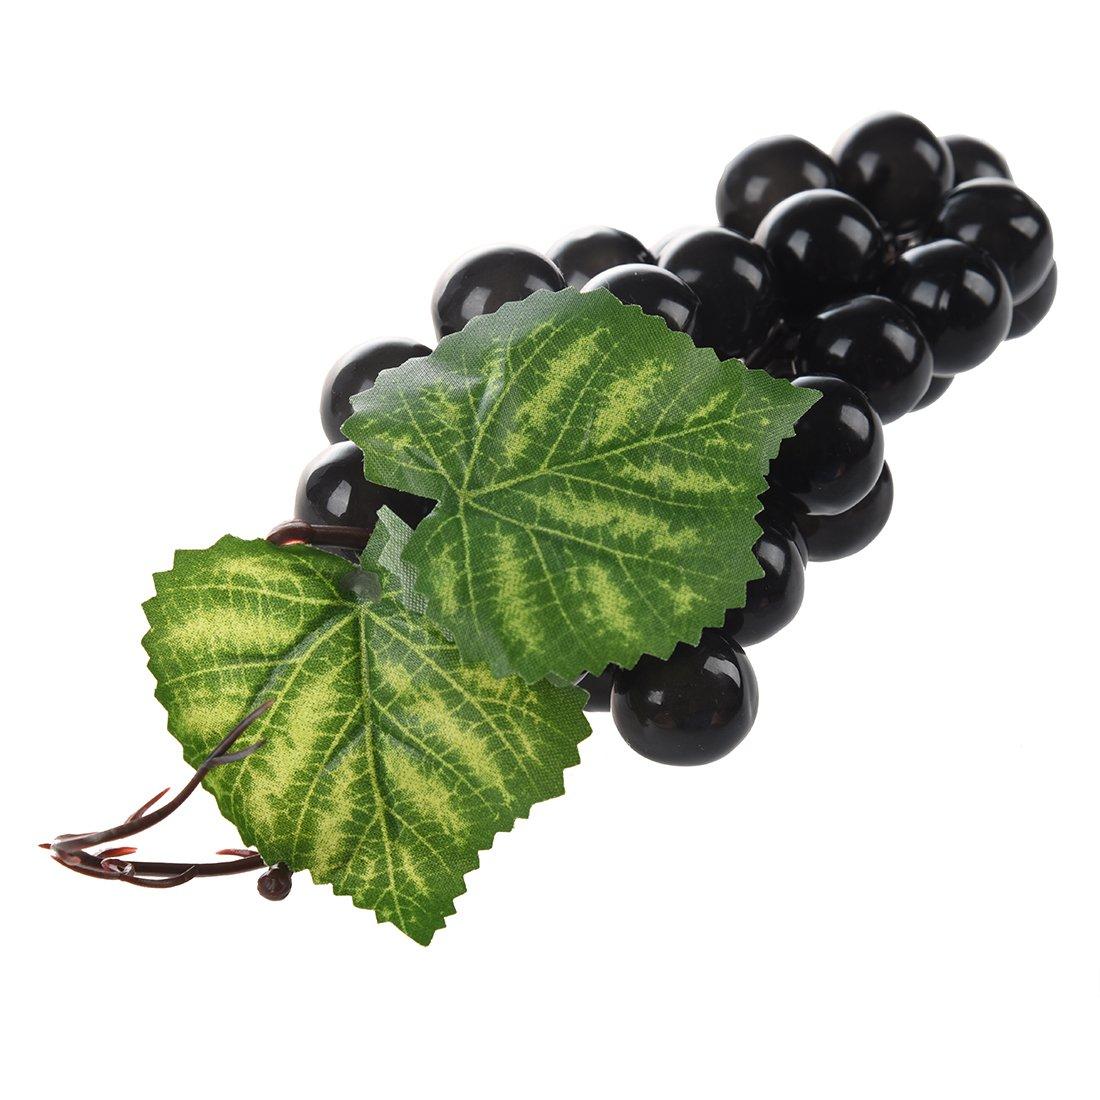 CUHAWUDBA Weich Kunststoff Simulation Traubenfruchtdekoration Weintrauben Obst Hause Dekoration